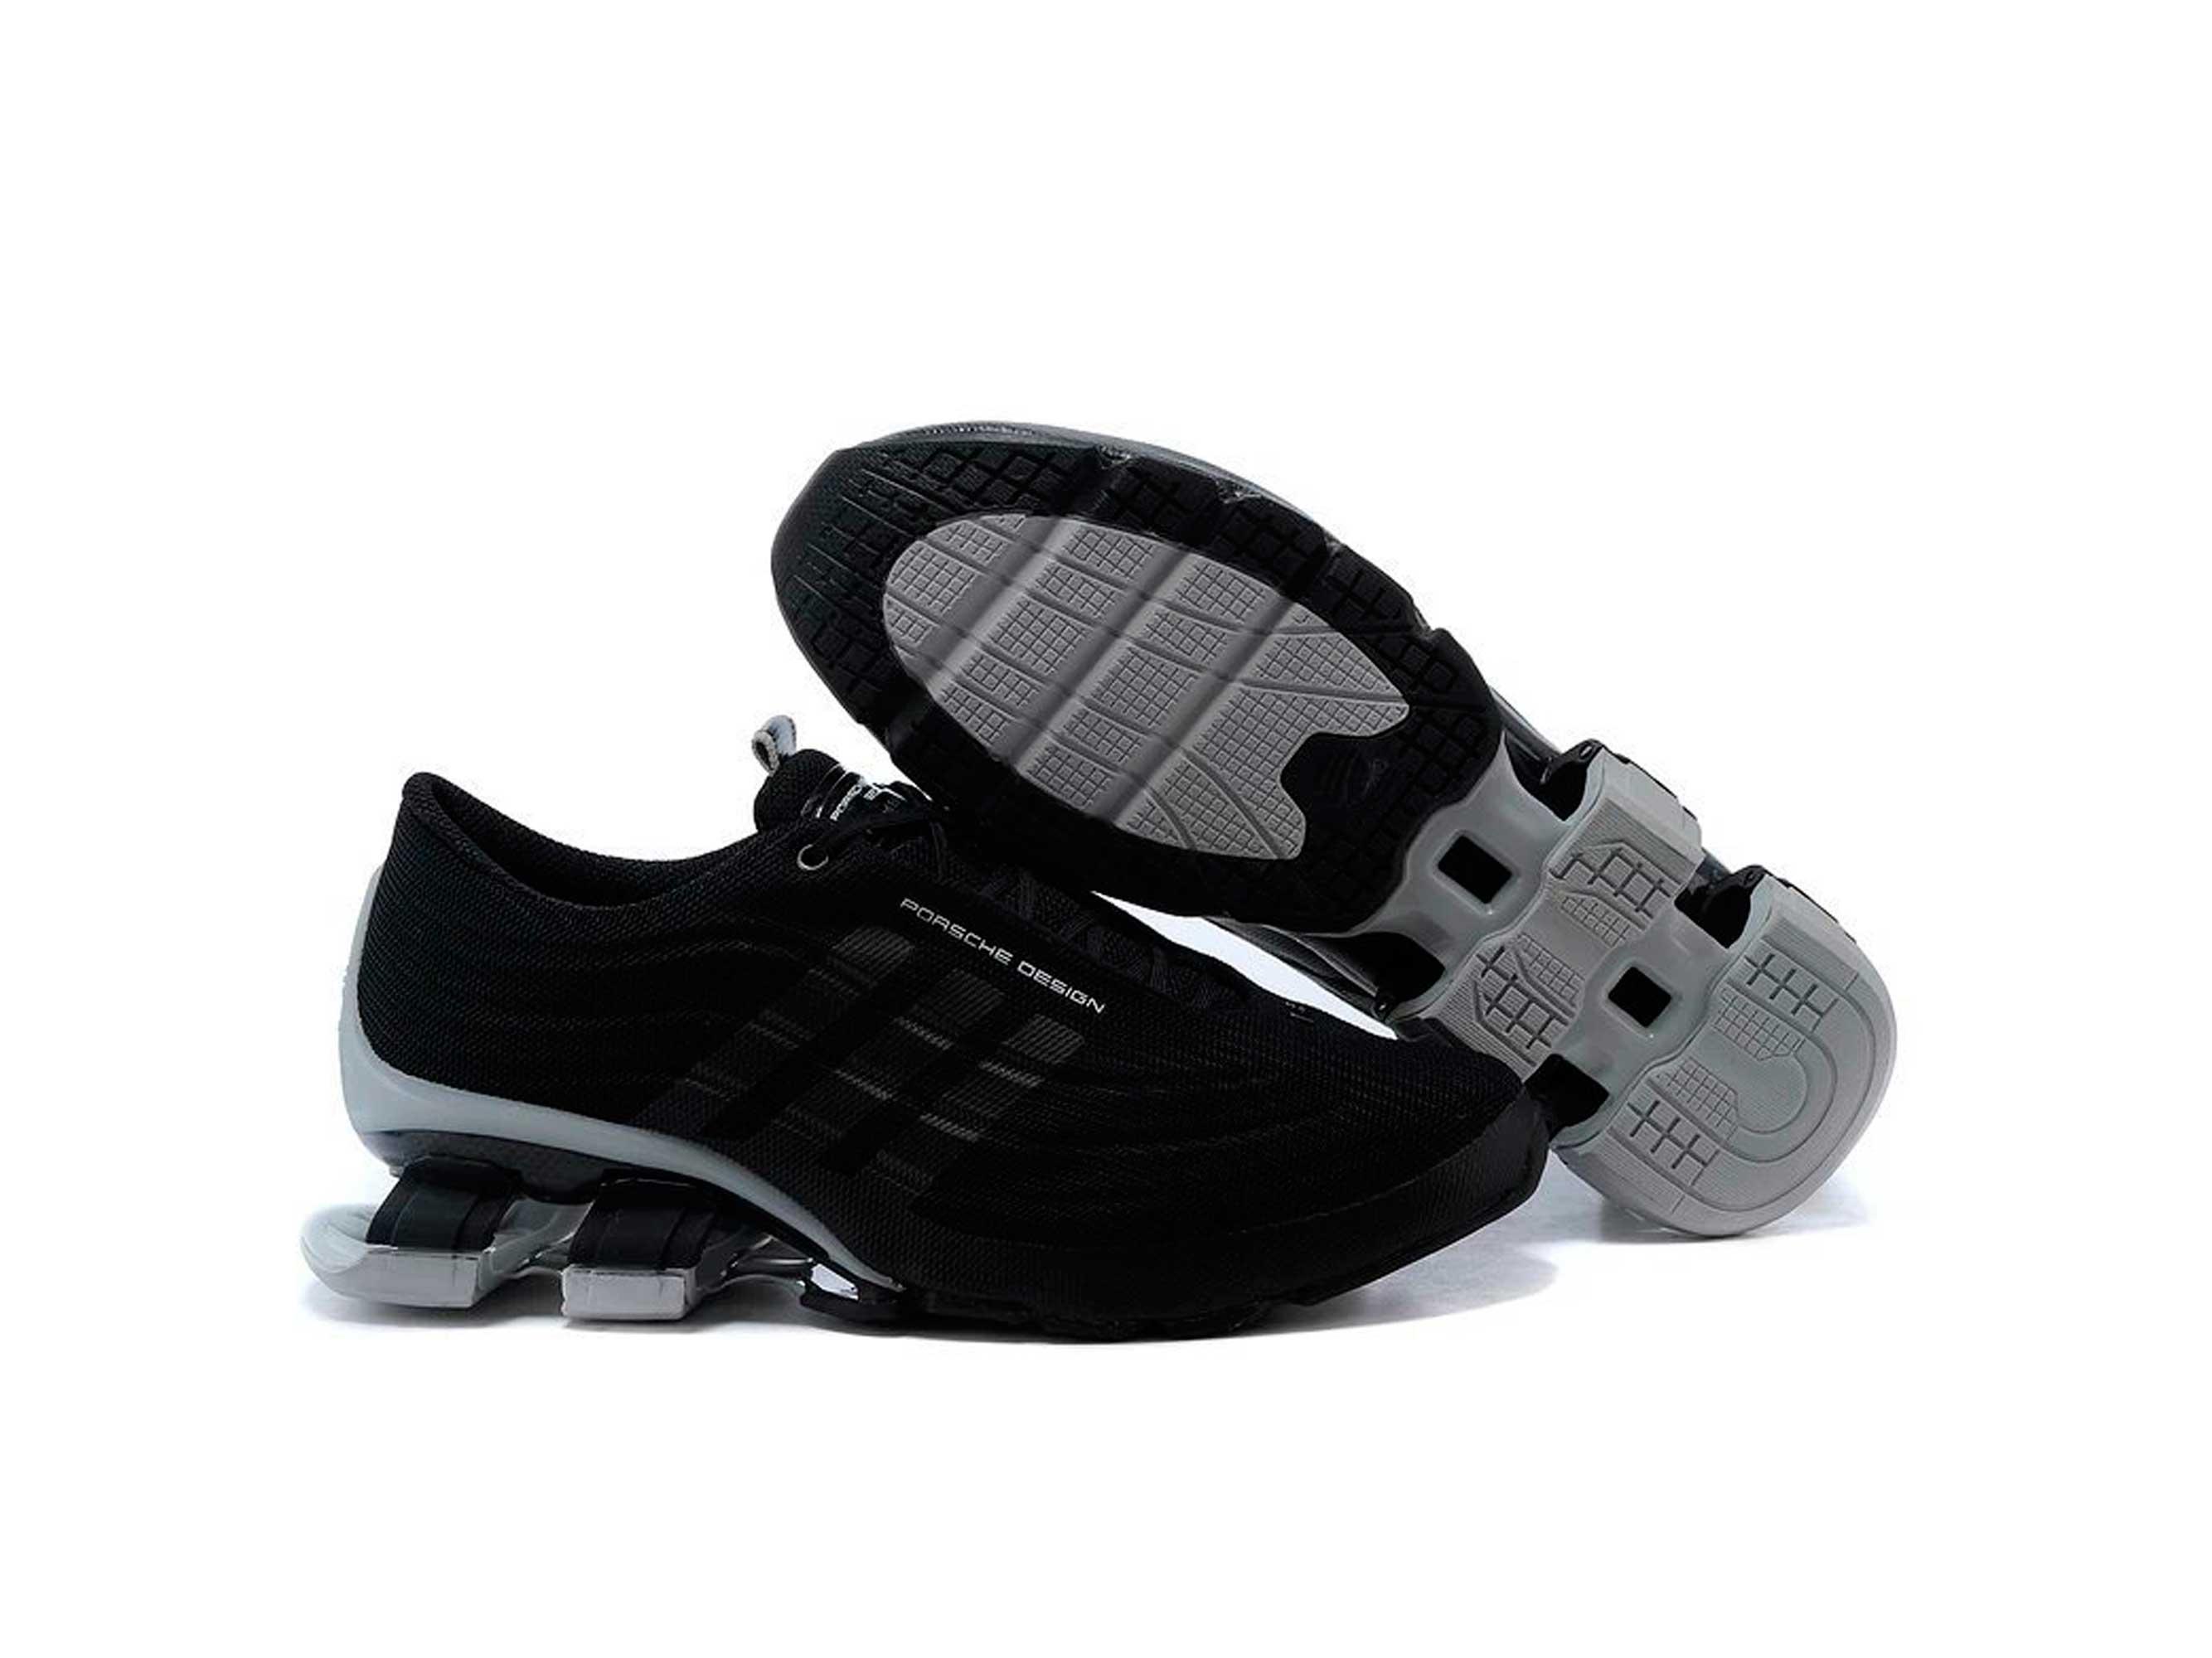 d3b1910af release date adidas porsche design bounce s4 flyknit dark grey 1464a ...